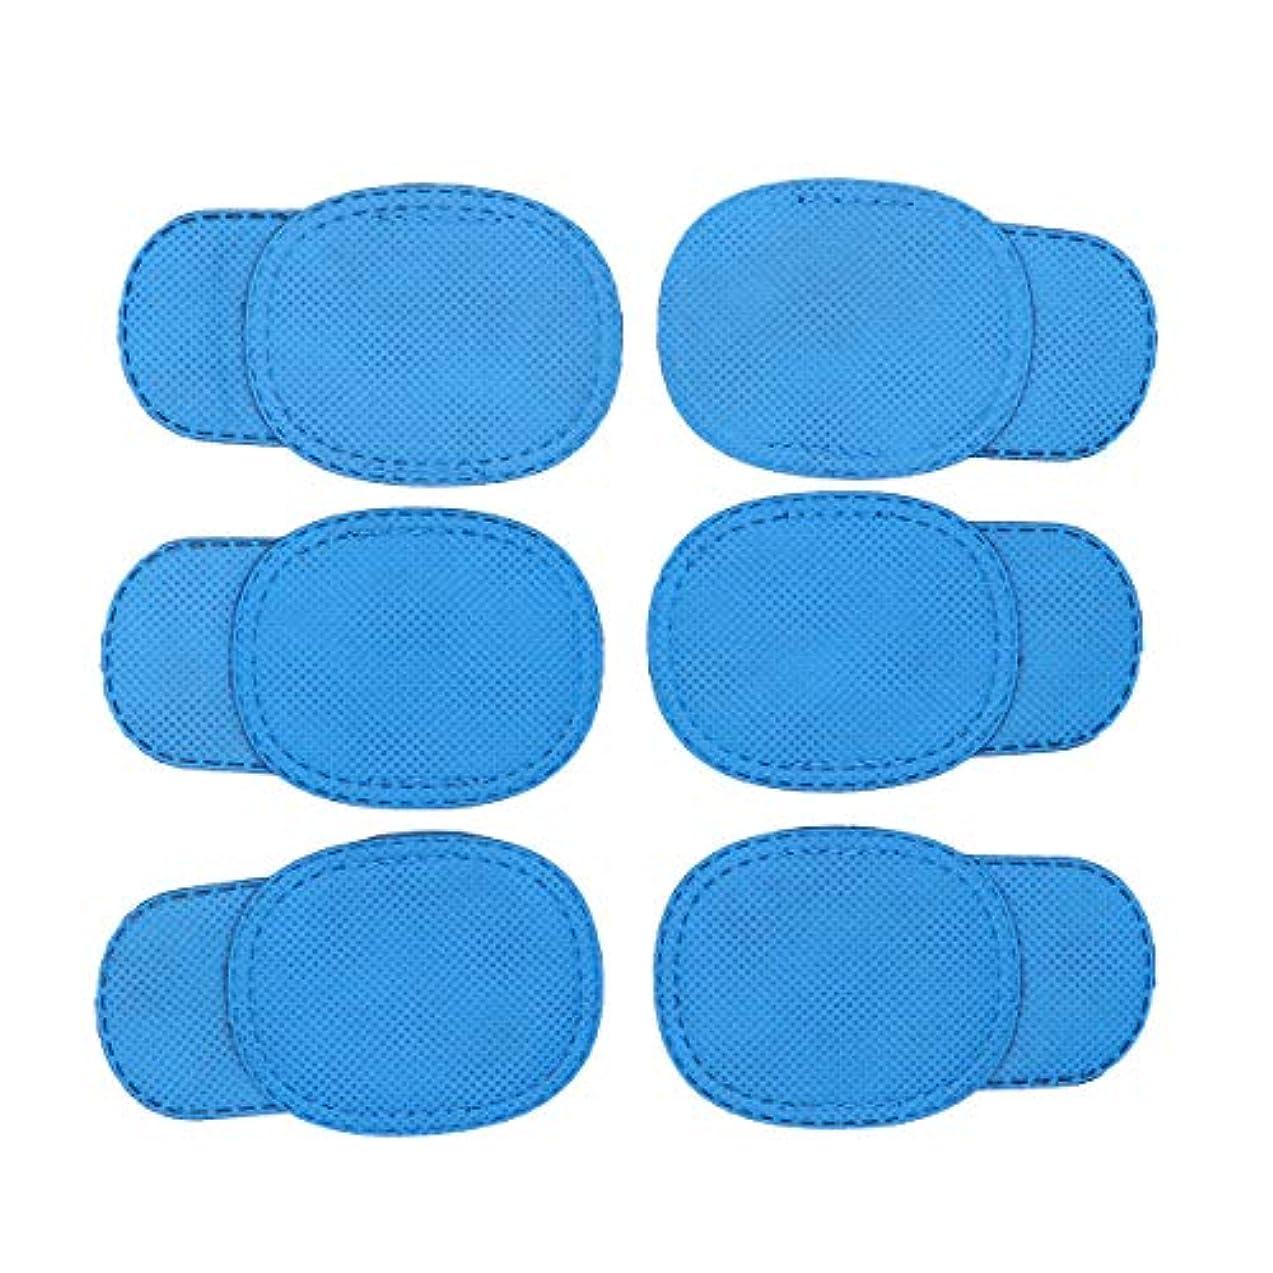 検査官望み無数のHealifty メガネのための12個の弱視アイパッチは子供のための怠惰な目と斜視を扱います子供(ブルー)